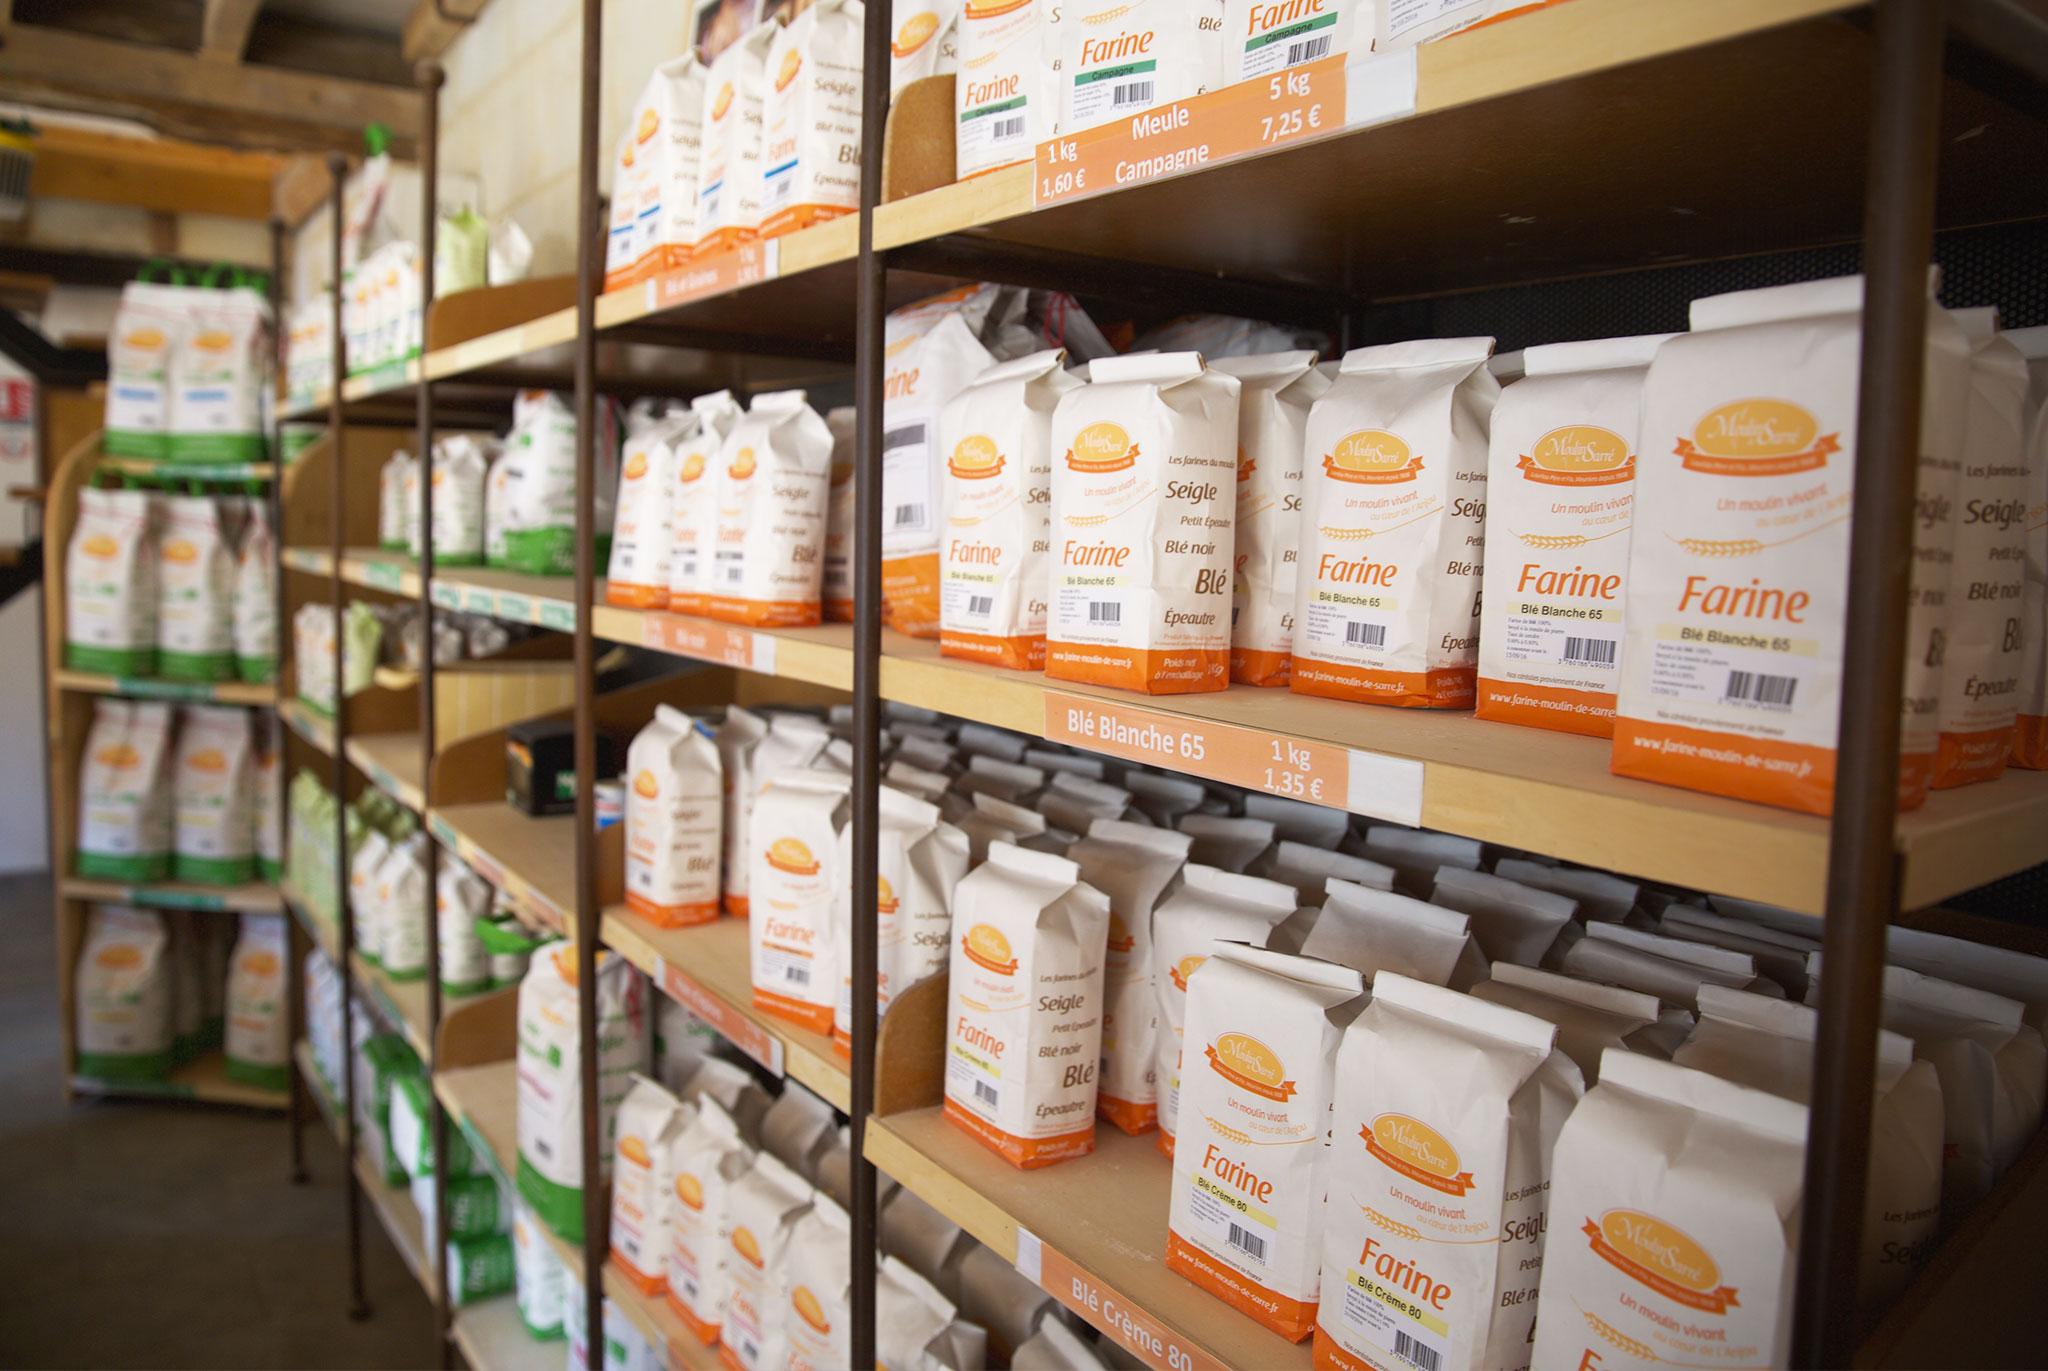 acheter farine en ligne